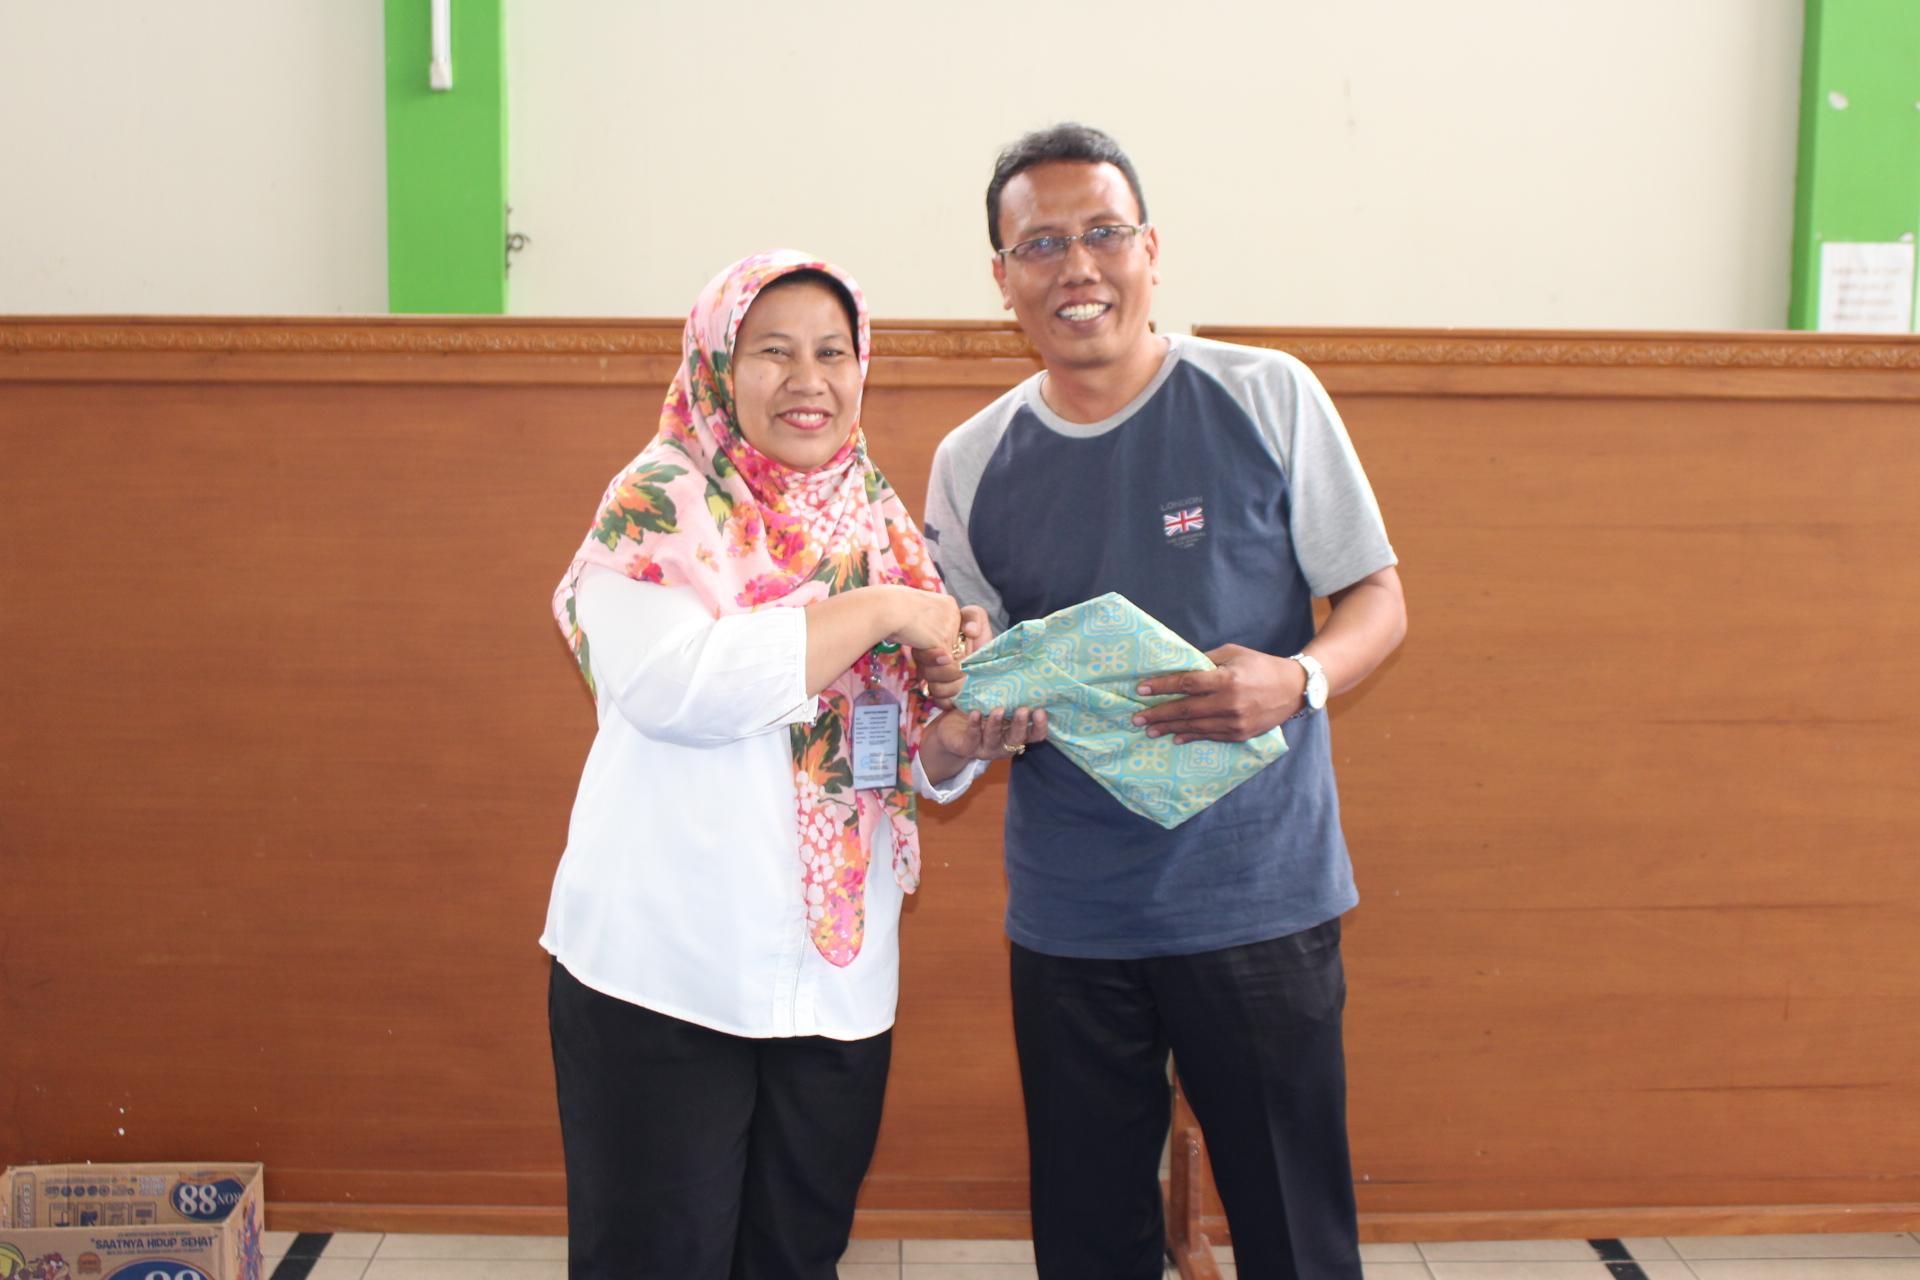 Pisah Sambut Pelaksana pada KPKNL Tasikmalaya